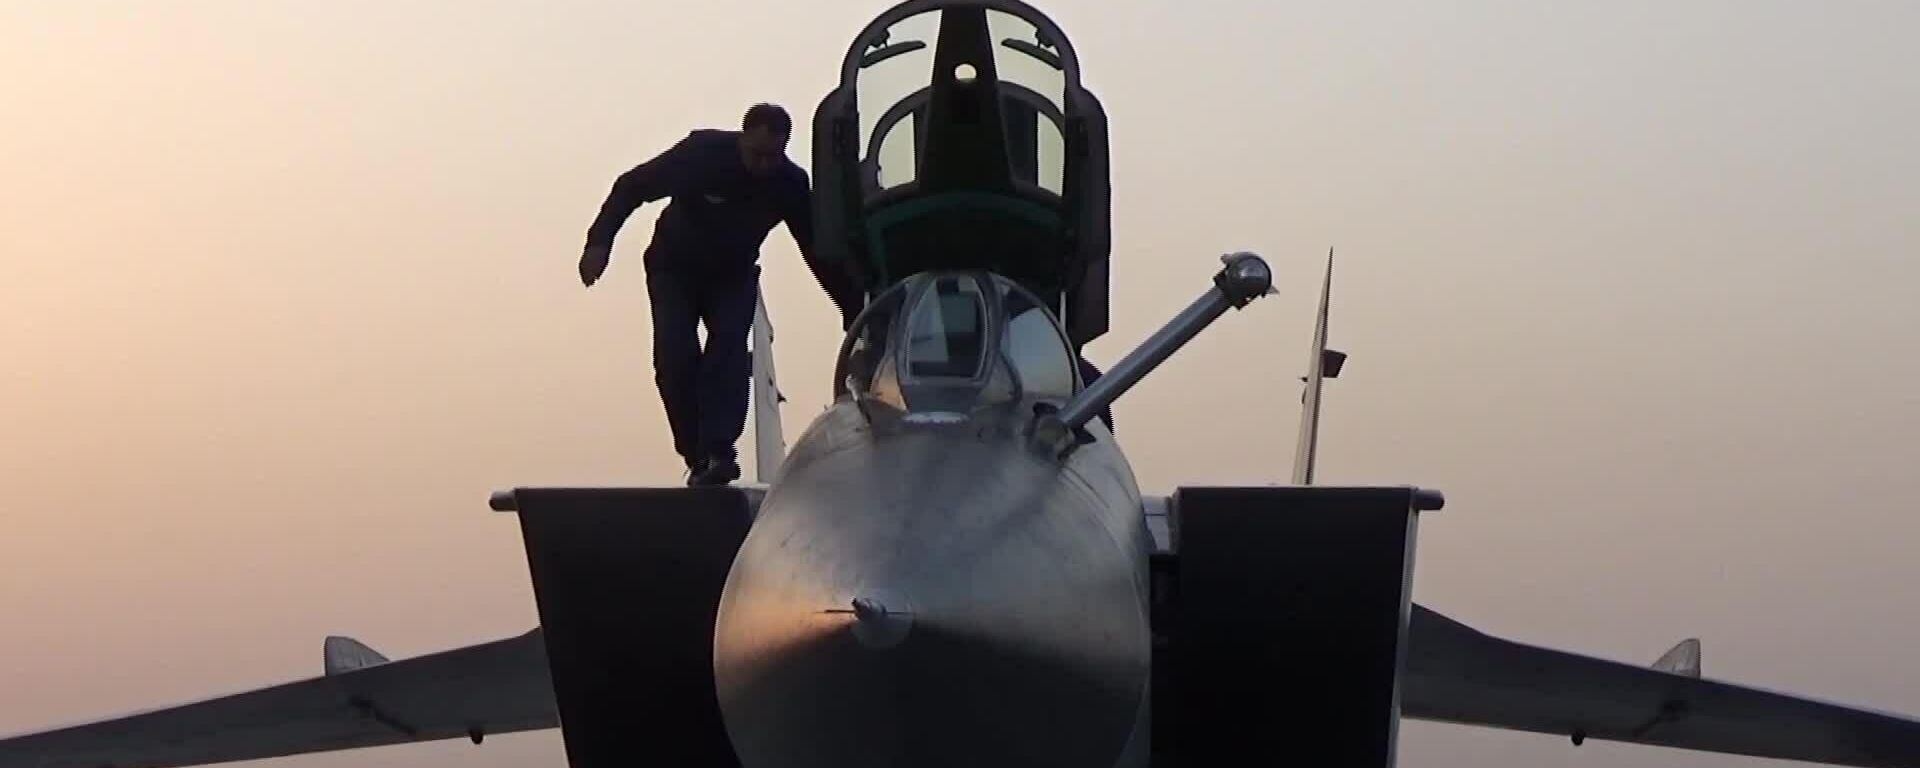 Переброска в Сирию российских истребителей с ракетами Кинжал - Sputnik Таджикистан, 1920, 29.06.2021